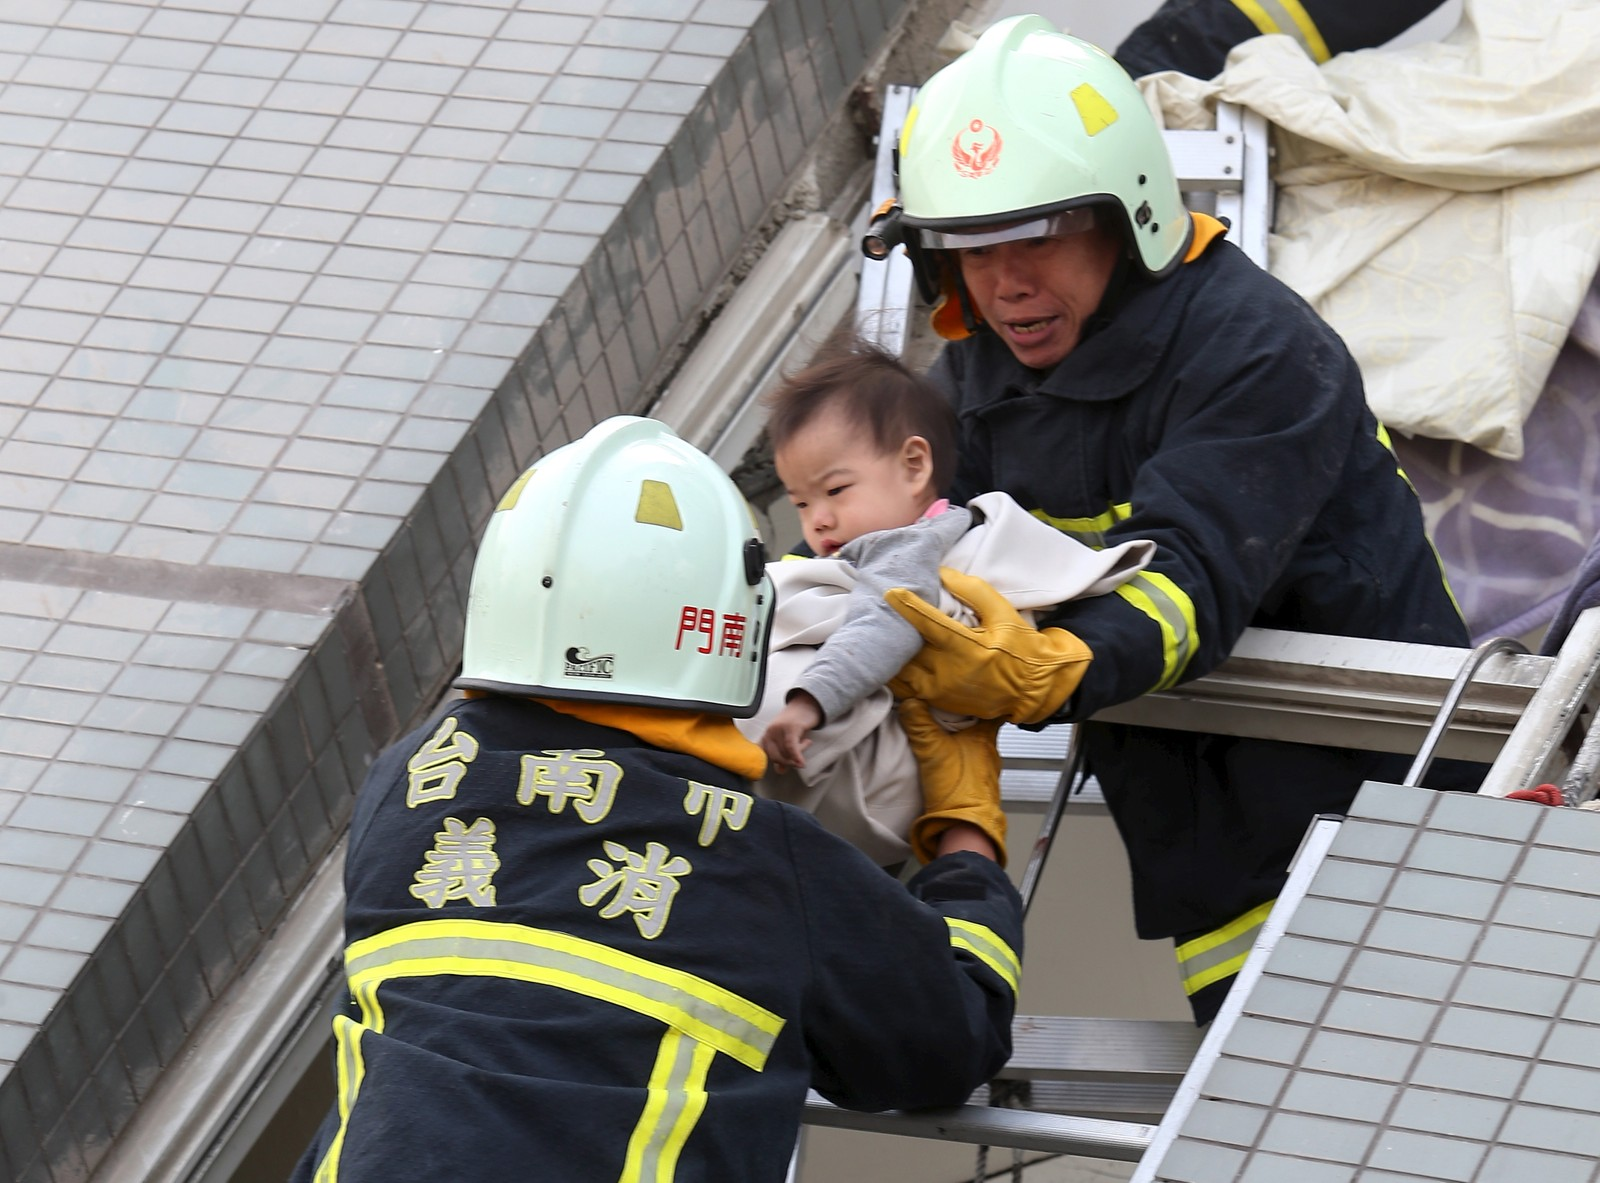 Redningsmannskap redder ut et lite barn fra ruinene av den 17 etasjer høye bygningen som har kollapset.